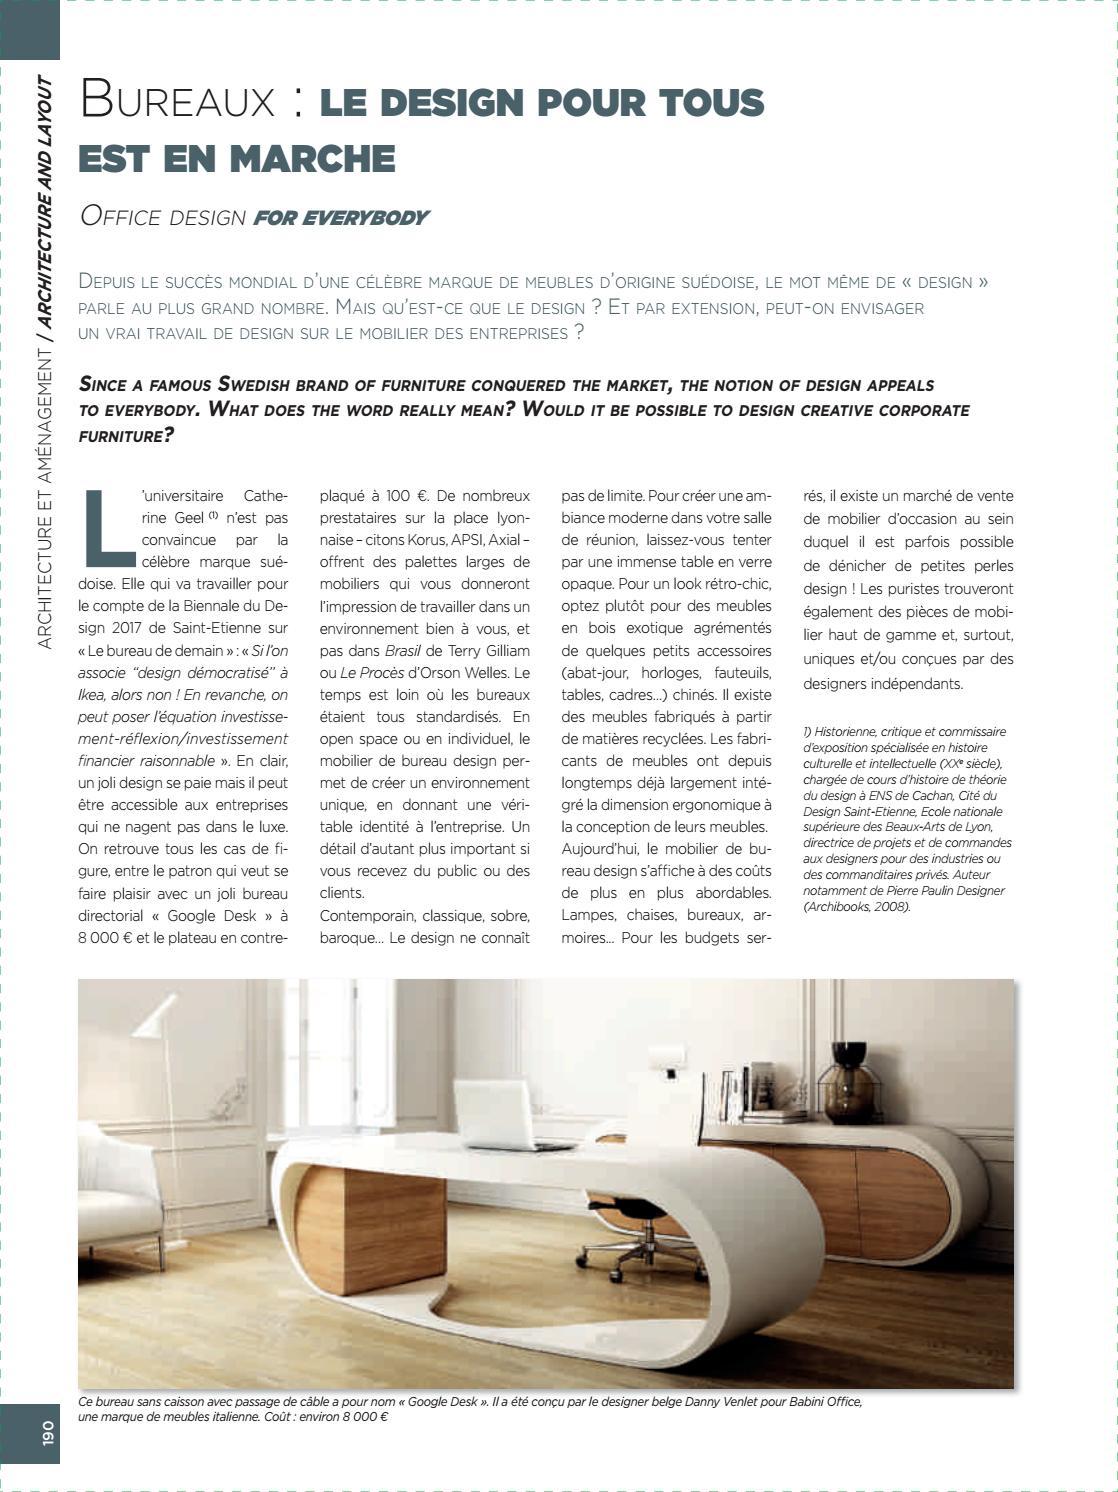 Guide De L Immobilier Pour Les Entreprises 2016 2017 By Tout Lyon Affiches Issuu